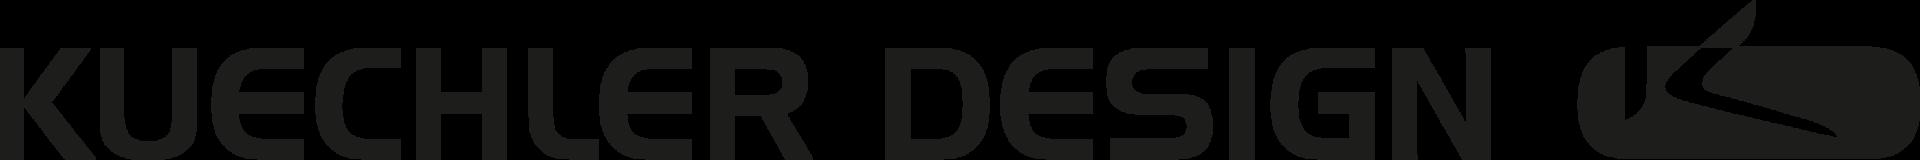 Kuechler Design GmbH